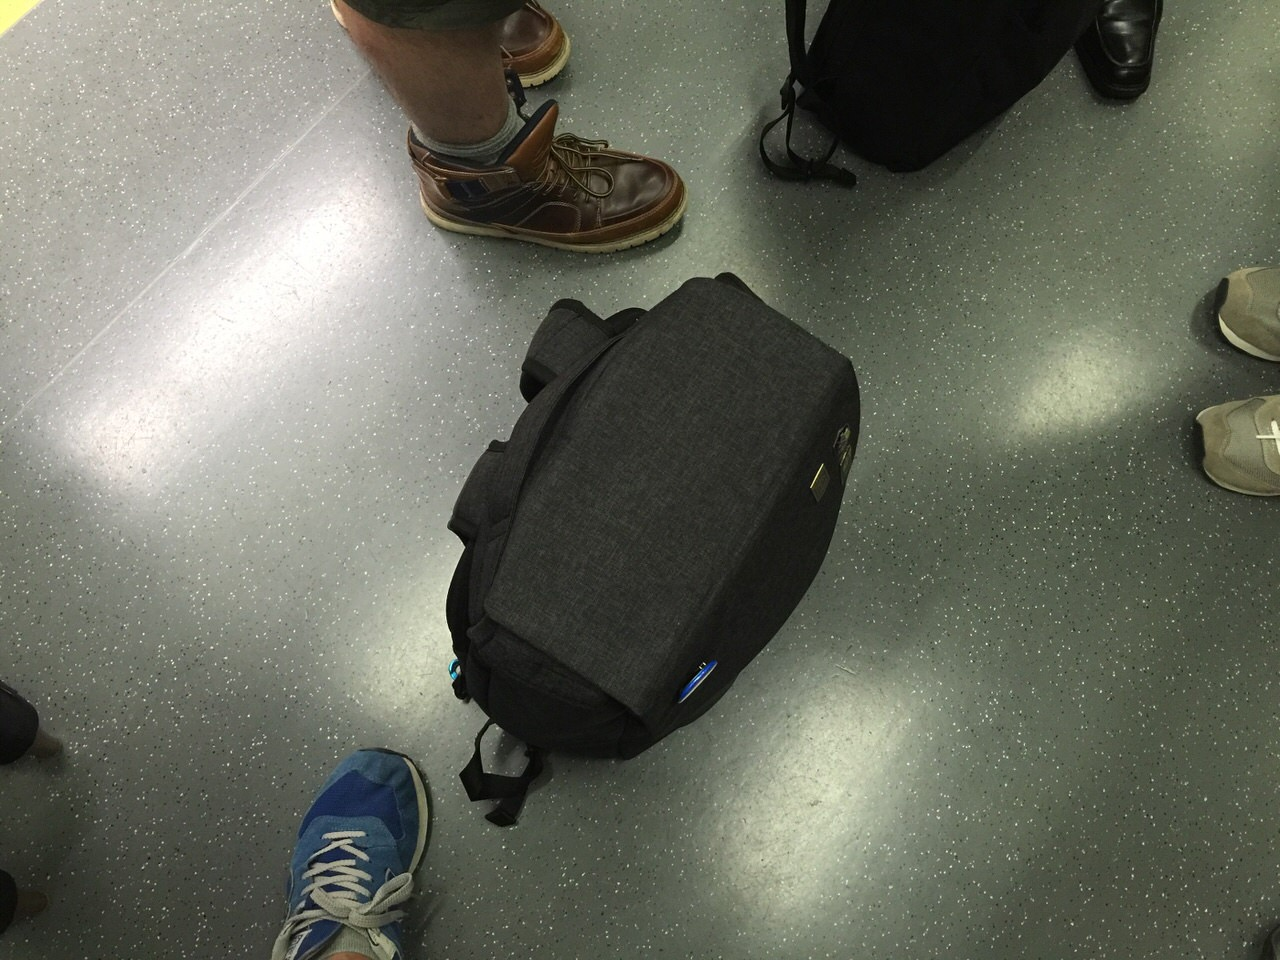 【かわるビジネスリュック】通勤電車の床で自立するリュック